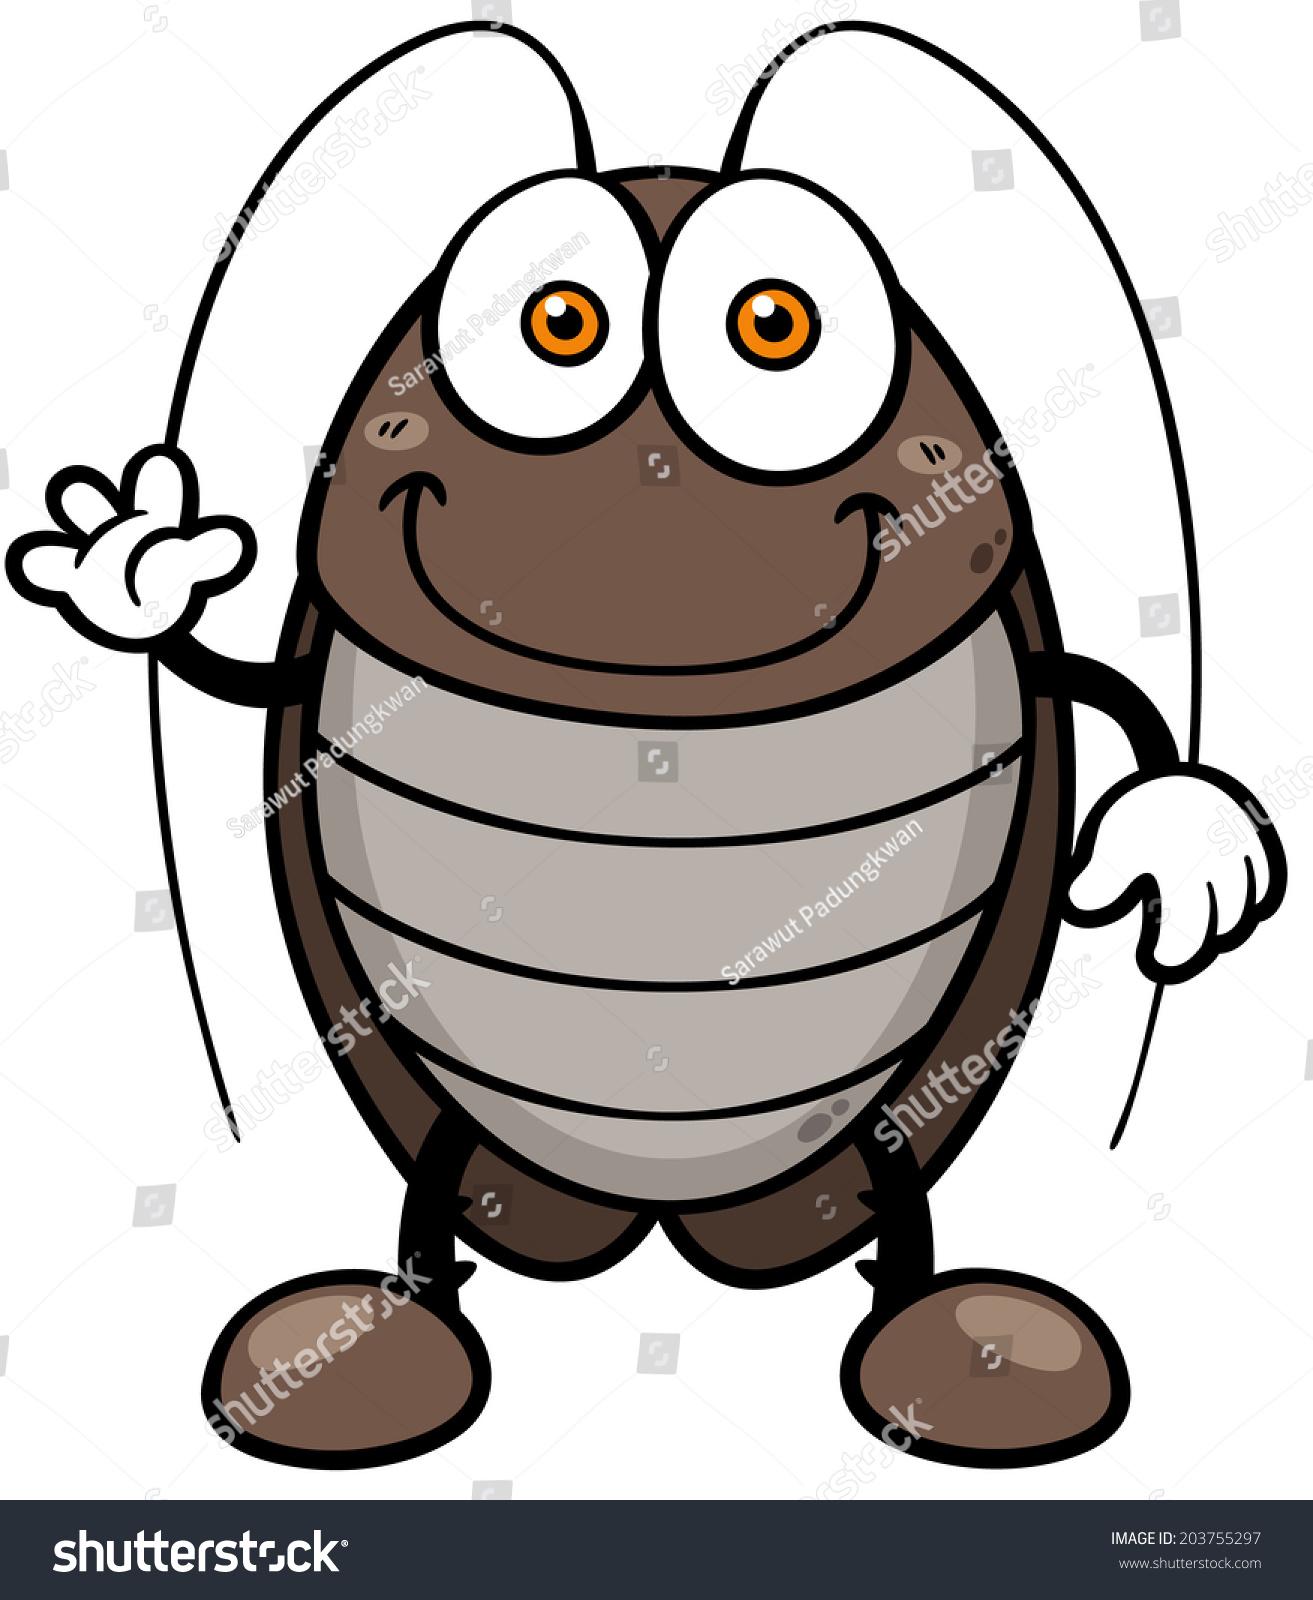 矢量图的卡通蟑螂-动物/野生生物,自然-海洛创意()-合